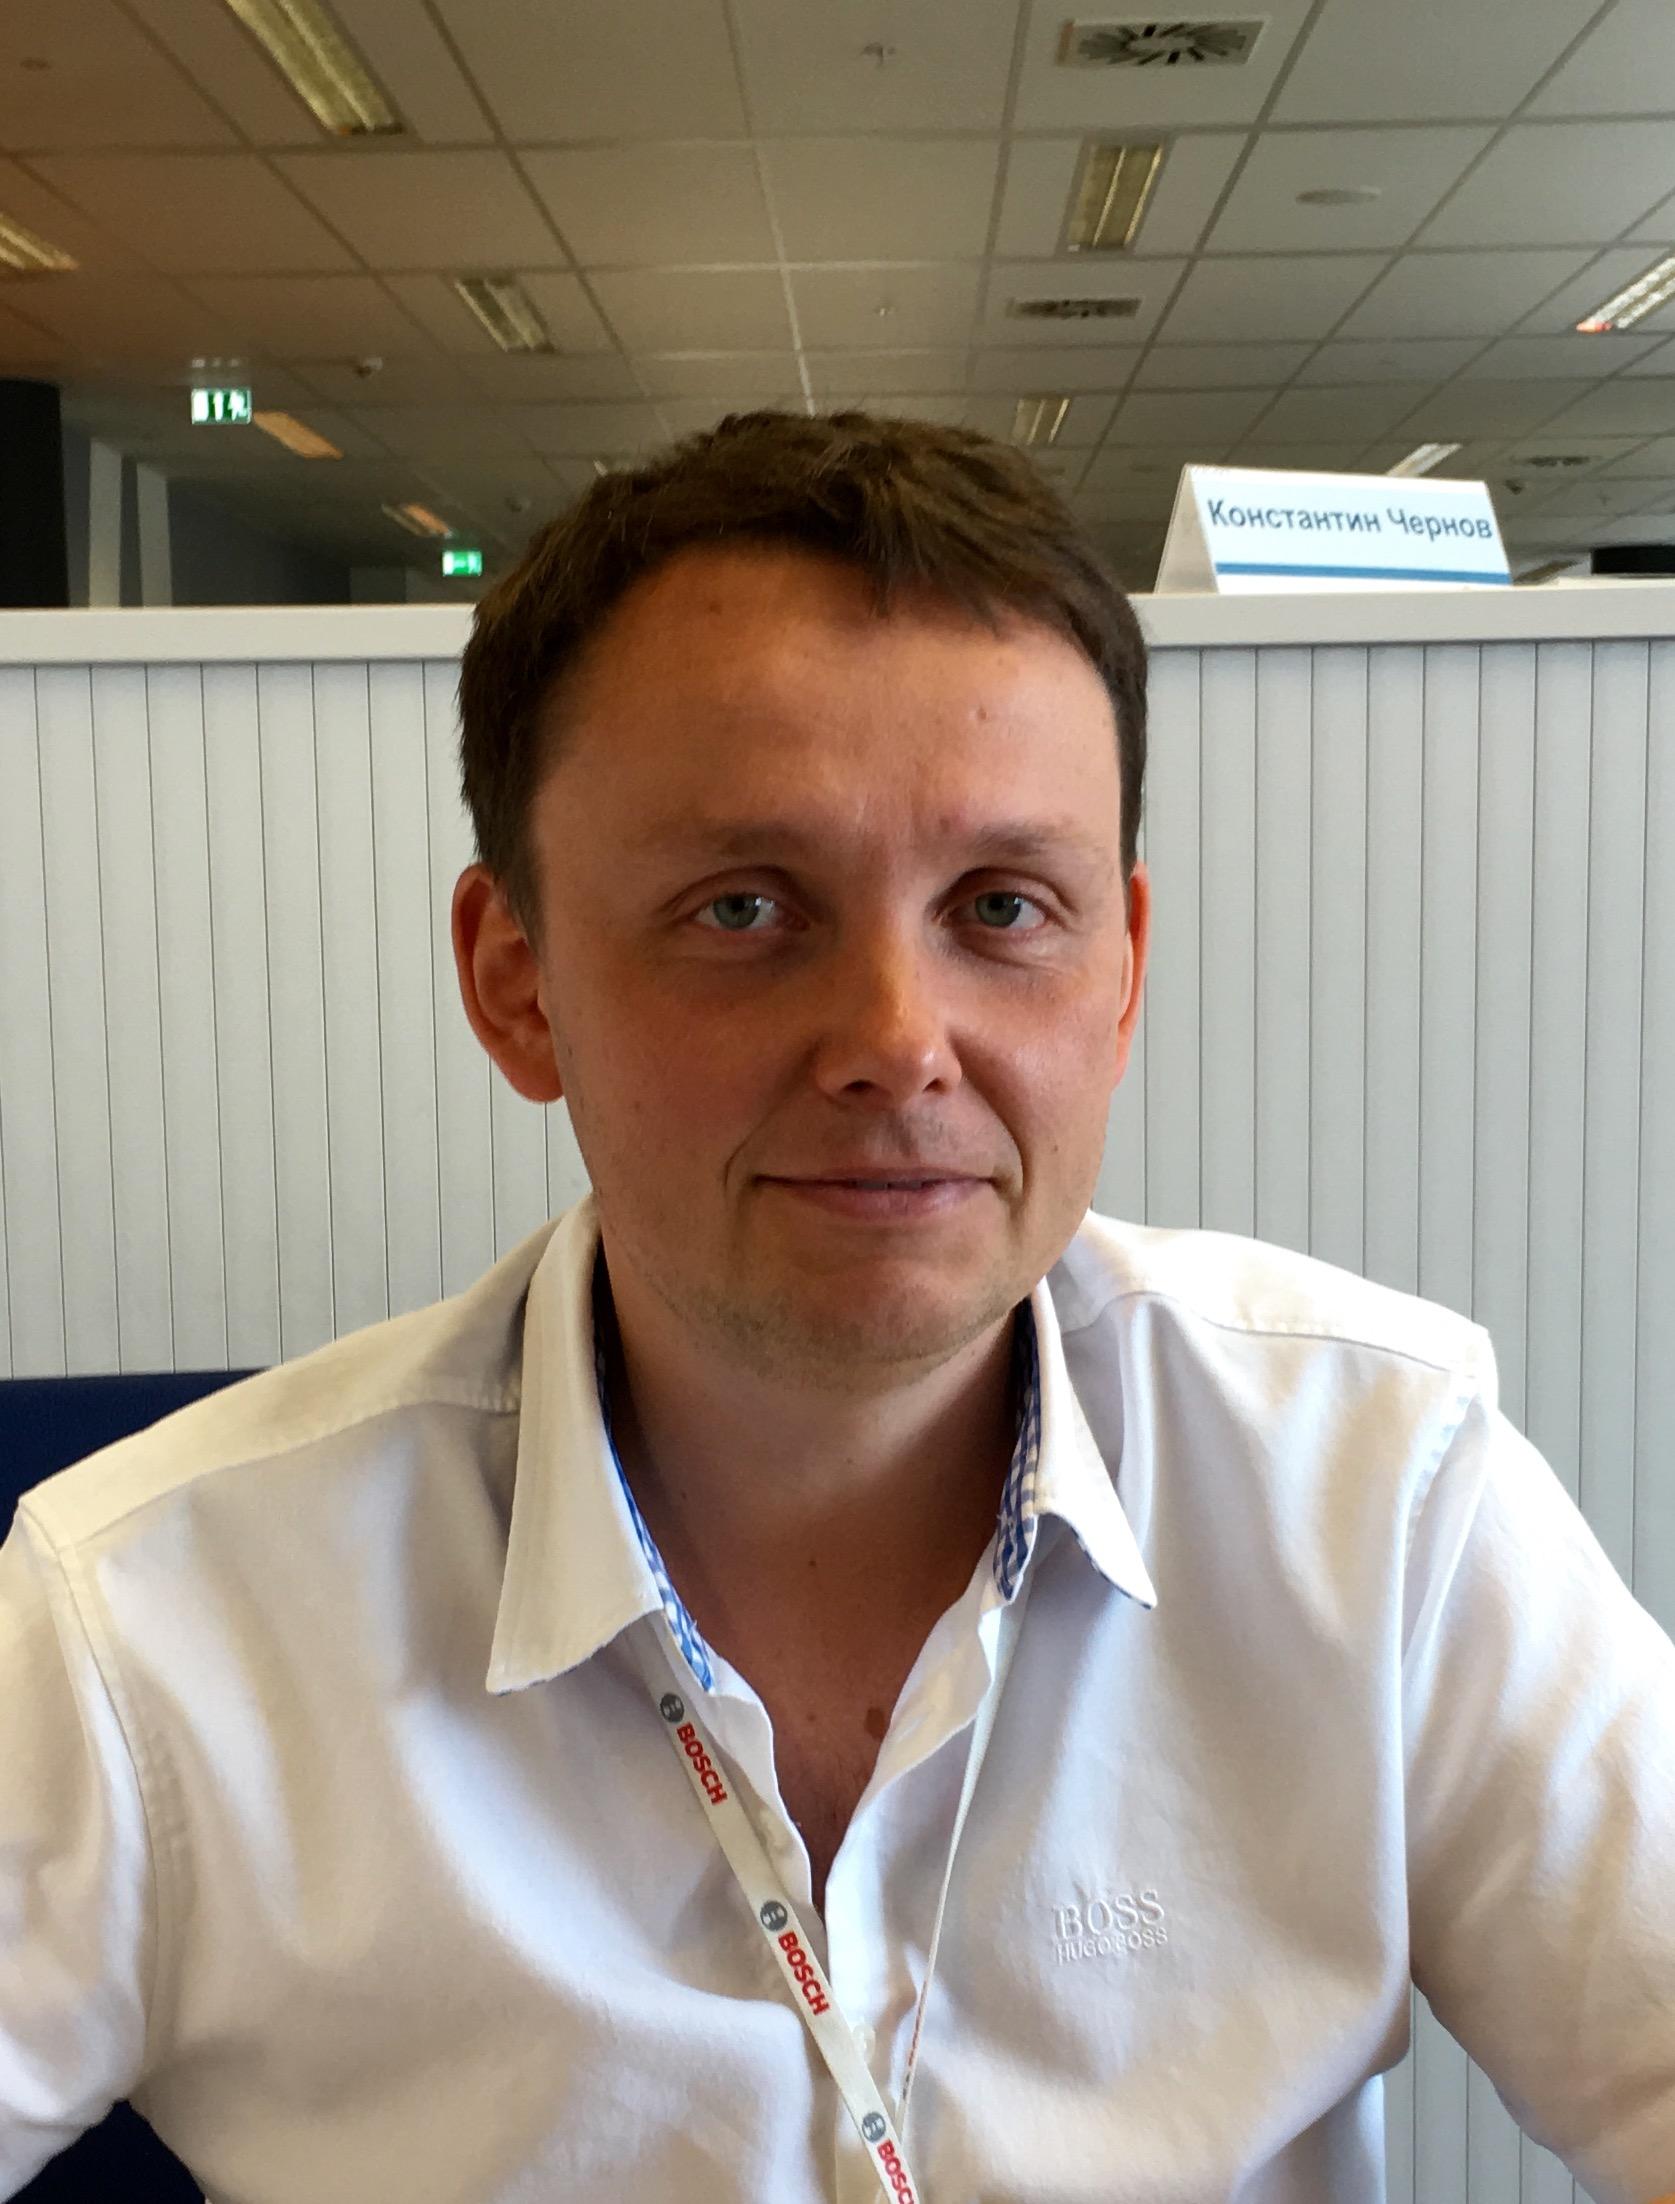 Konstantin Chernov